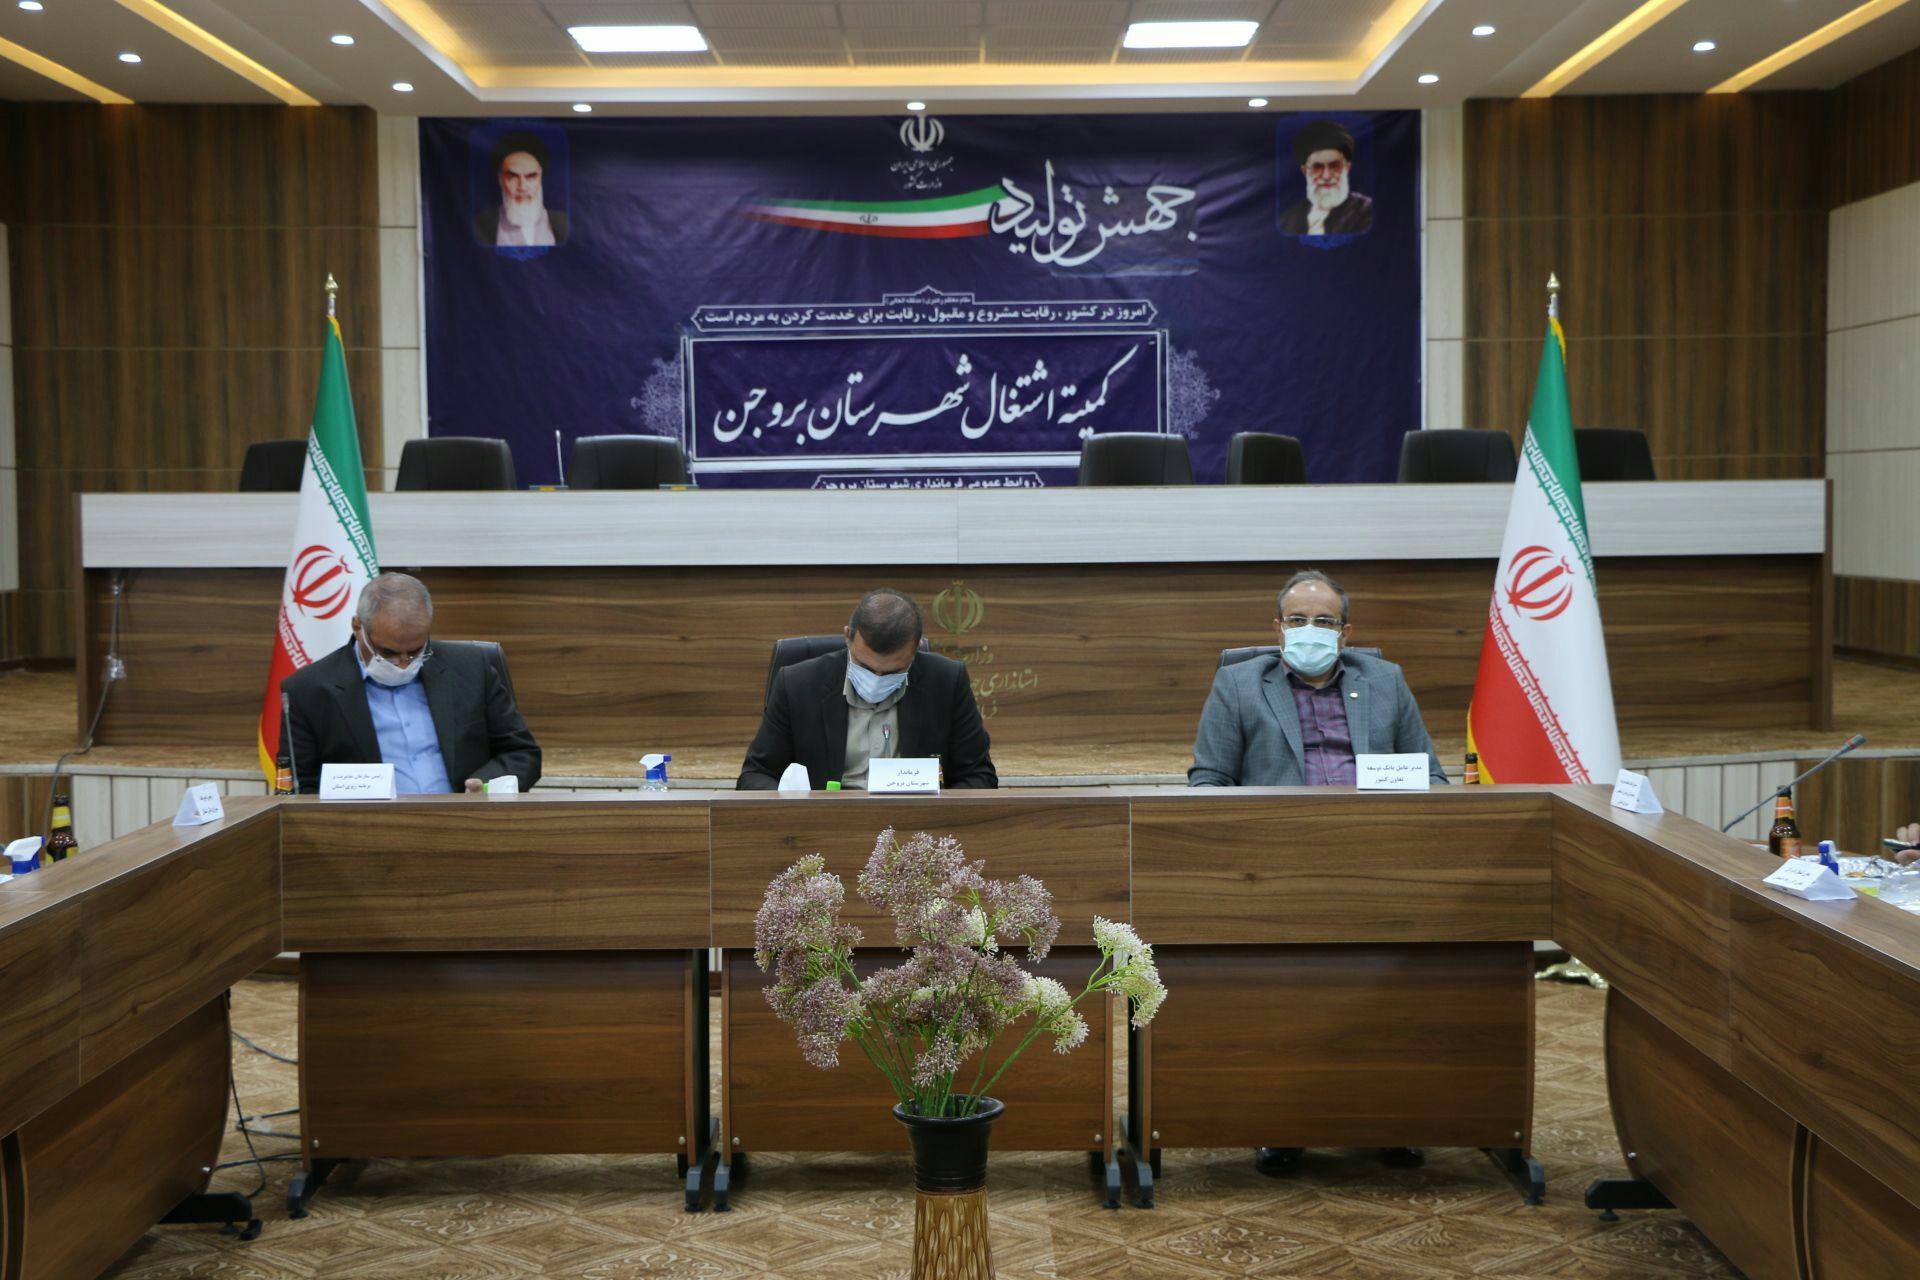 هدفگذاری پرداخت 200 میلیارد تومان تسهیلات بانک توسعه تعاون در استان چهارمحال و بختیاری